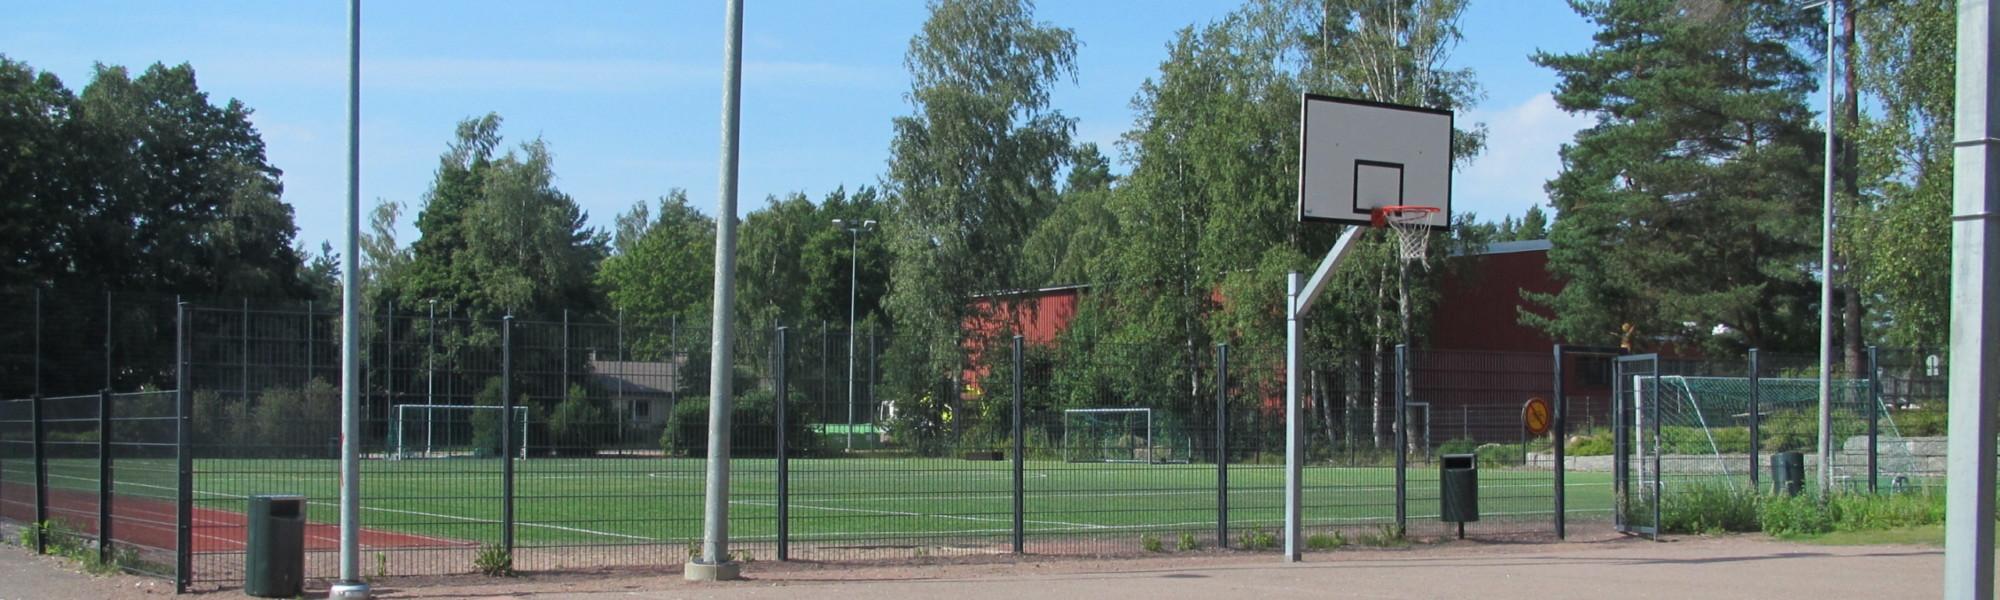 Kuvassa on Aittakorven koulun lähiliikuntapaikka